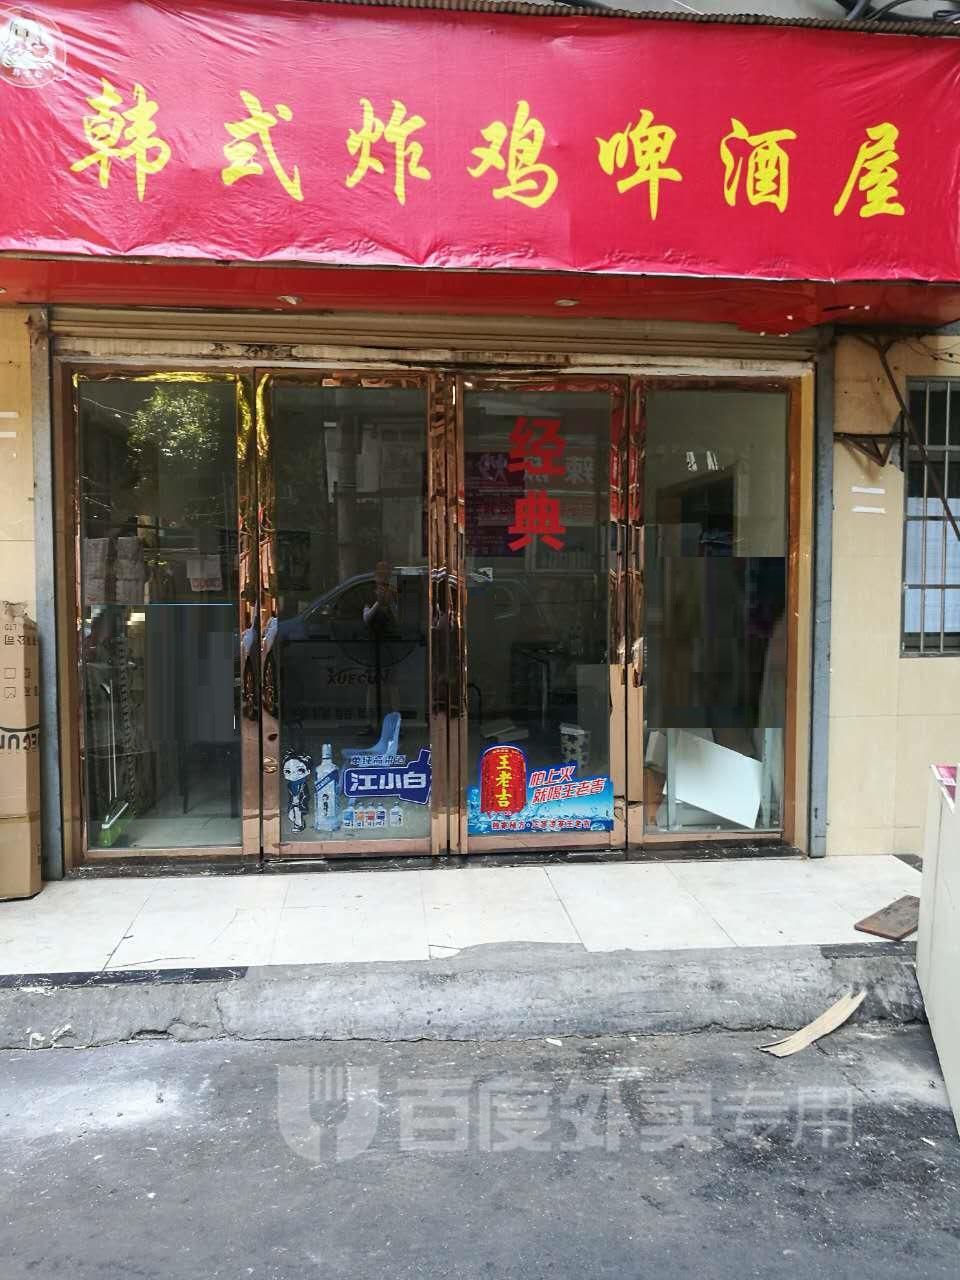 韩式炸鸡啤酒屋(蛤蟆街店)图片